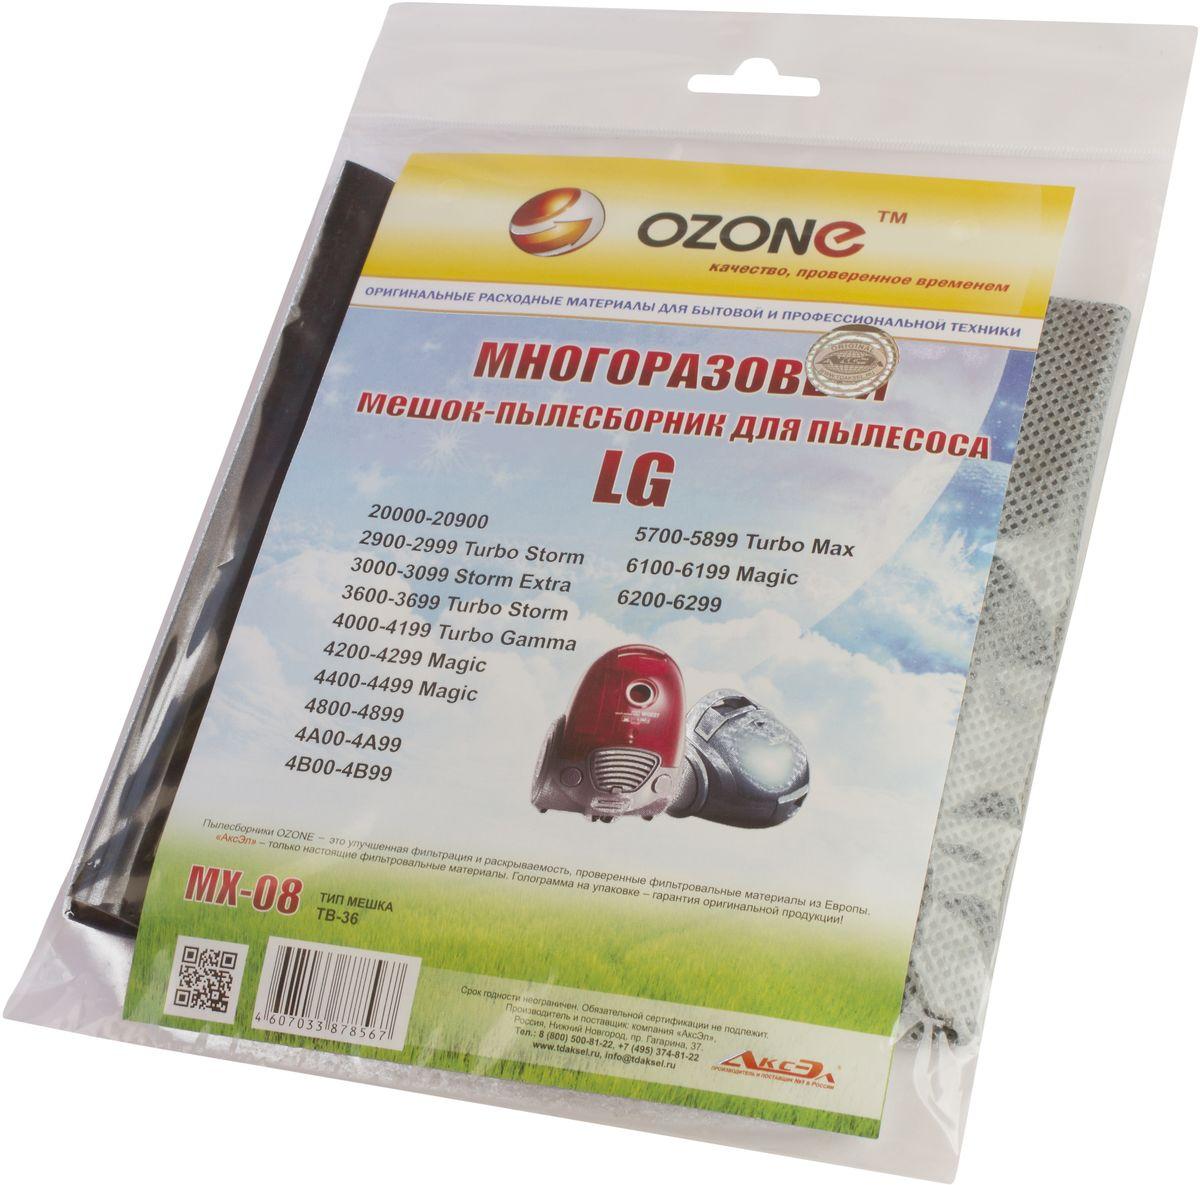 Ozone MX-08 пылесборник для пылесосов LGMX-08Многоразовый синтетический пылесборник Ozone microne multiplex MX-08 предназначен для бытового использования. Пылесборник Ozone соответствуют высоким стандартам качества. Благодаря использованию специального четырехслойного синтетического материала, пылесборник Ozone microne multiplex MX-08 обладает высочайшей степенью фильтрации и повышенной прочностью. Серия MICRON задерживает мельчайшие частицы пыли и пыльцы. Ozone microne multiplex MX-08 выдерживает нагрузку до 30кг., а так же выполняется 100% заполняемость мешка.